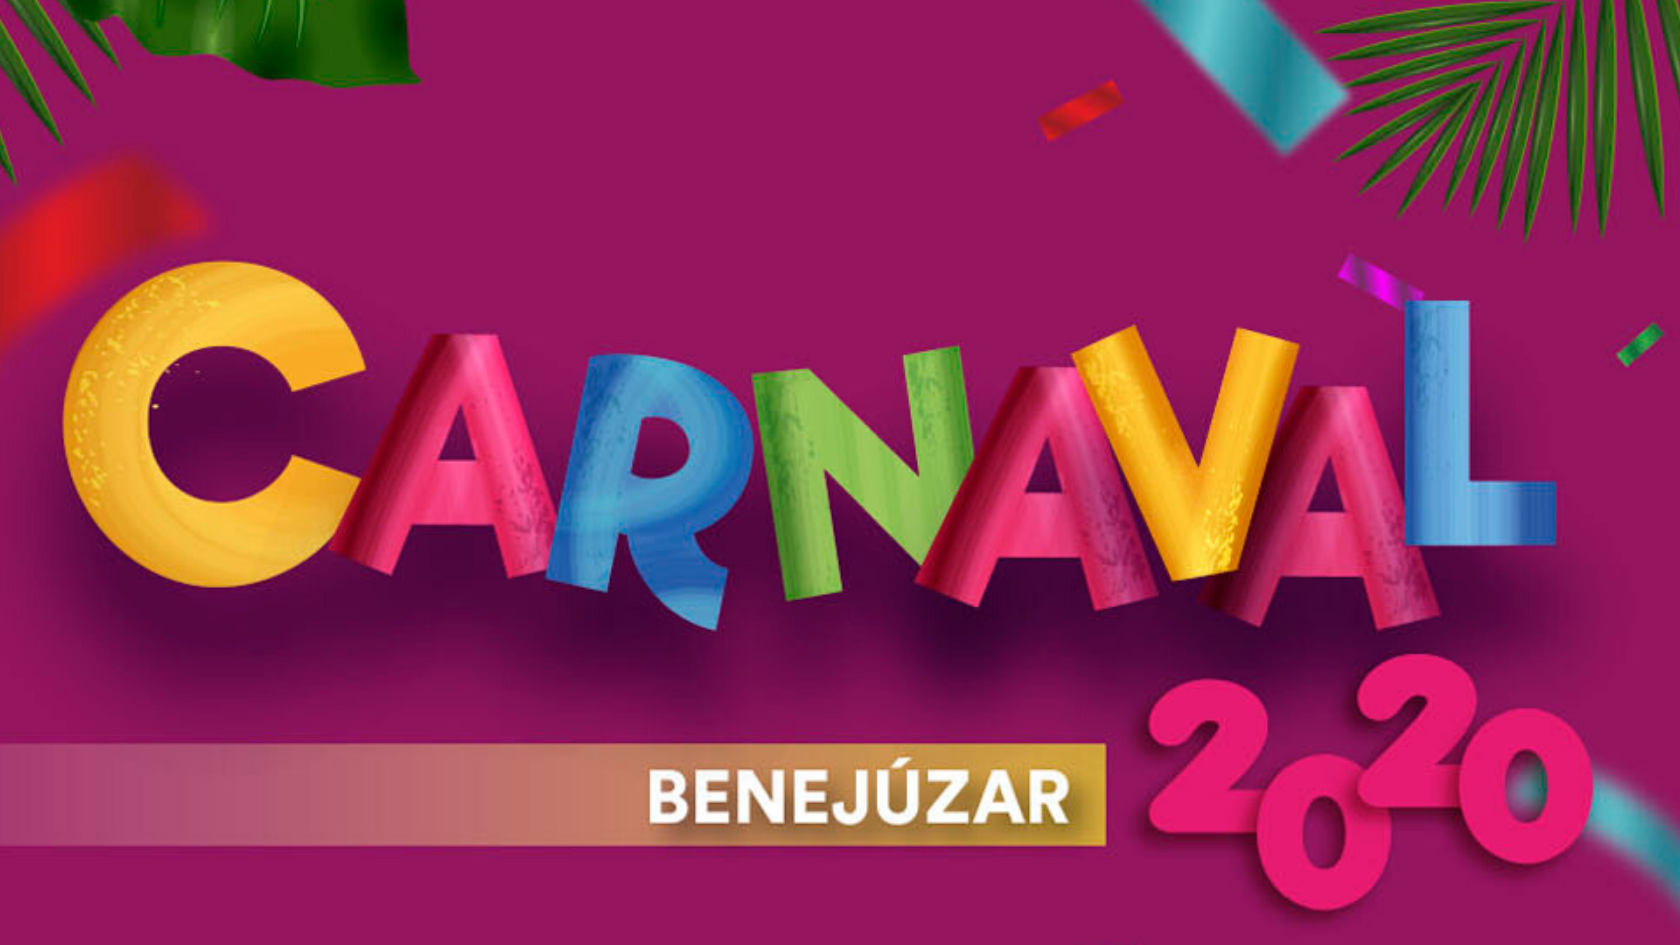 Carnaval 2020 Benejúzar